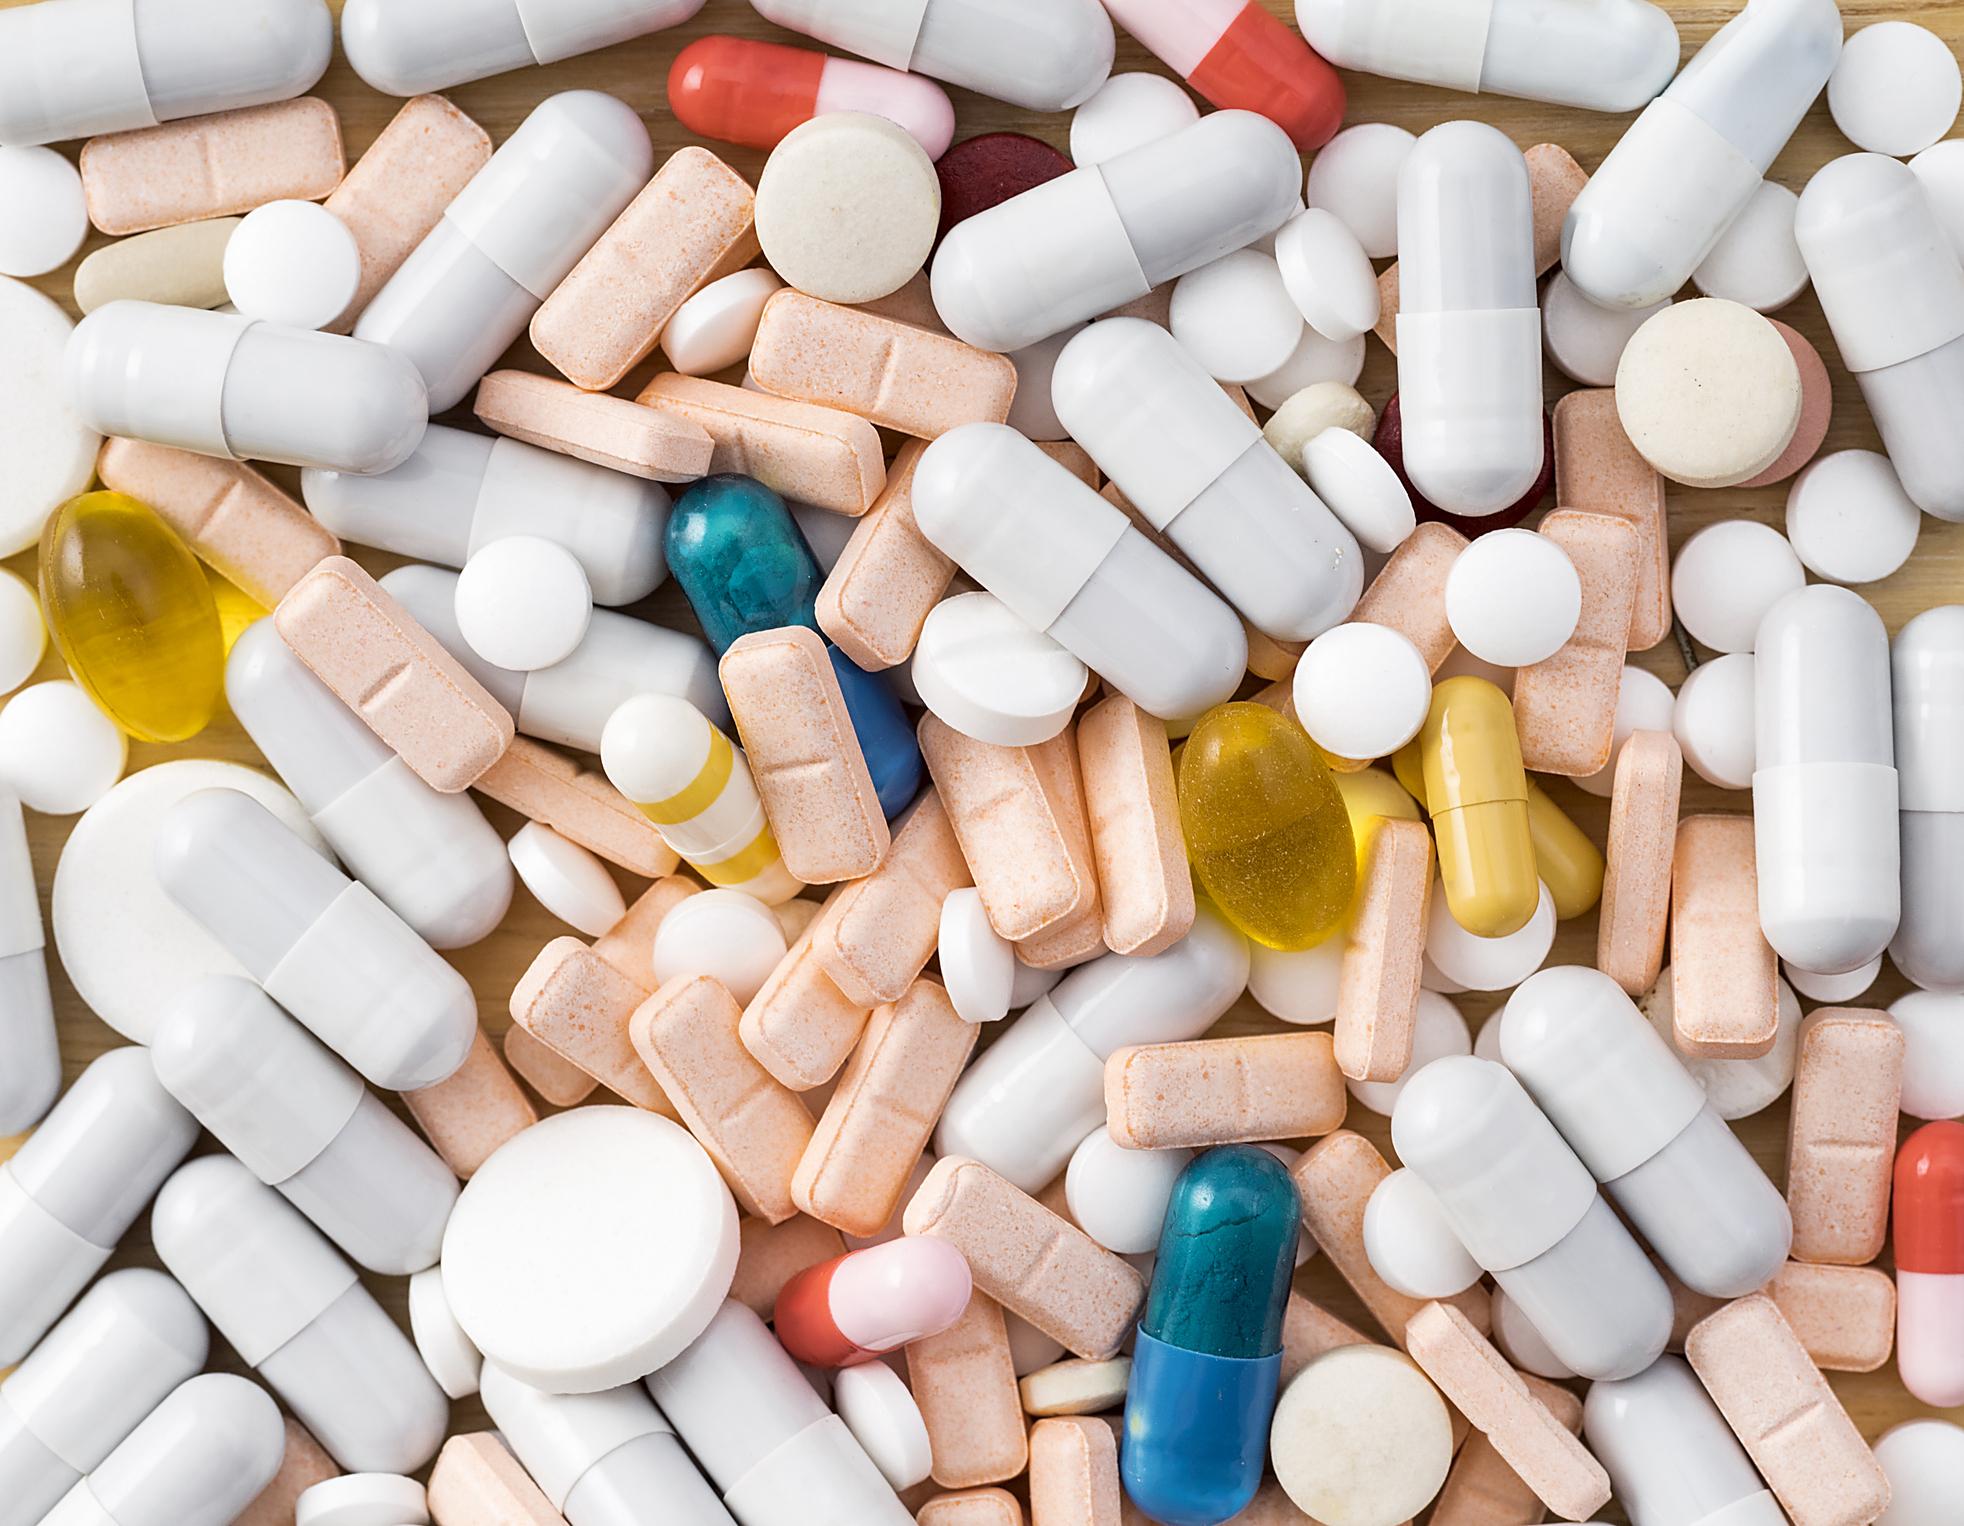 Bát nháo nghệ sĩ quảng cáo thuốc và thực phẩm chức năng, người dân phải xem lại cách chữa bệnh kiểu mạo hiểm này! - Ảnh 4.